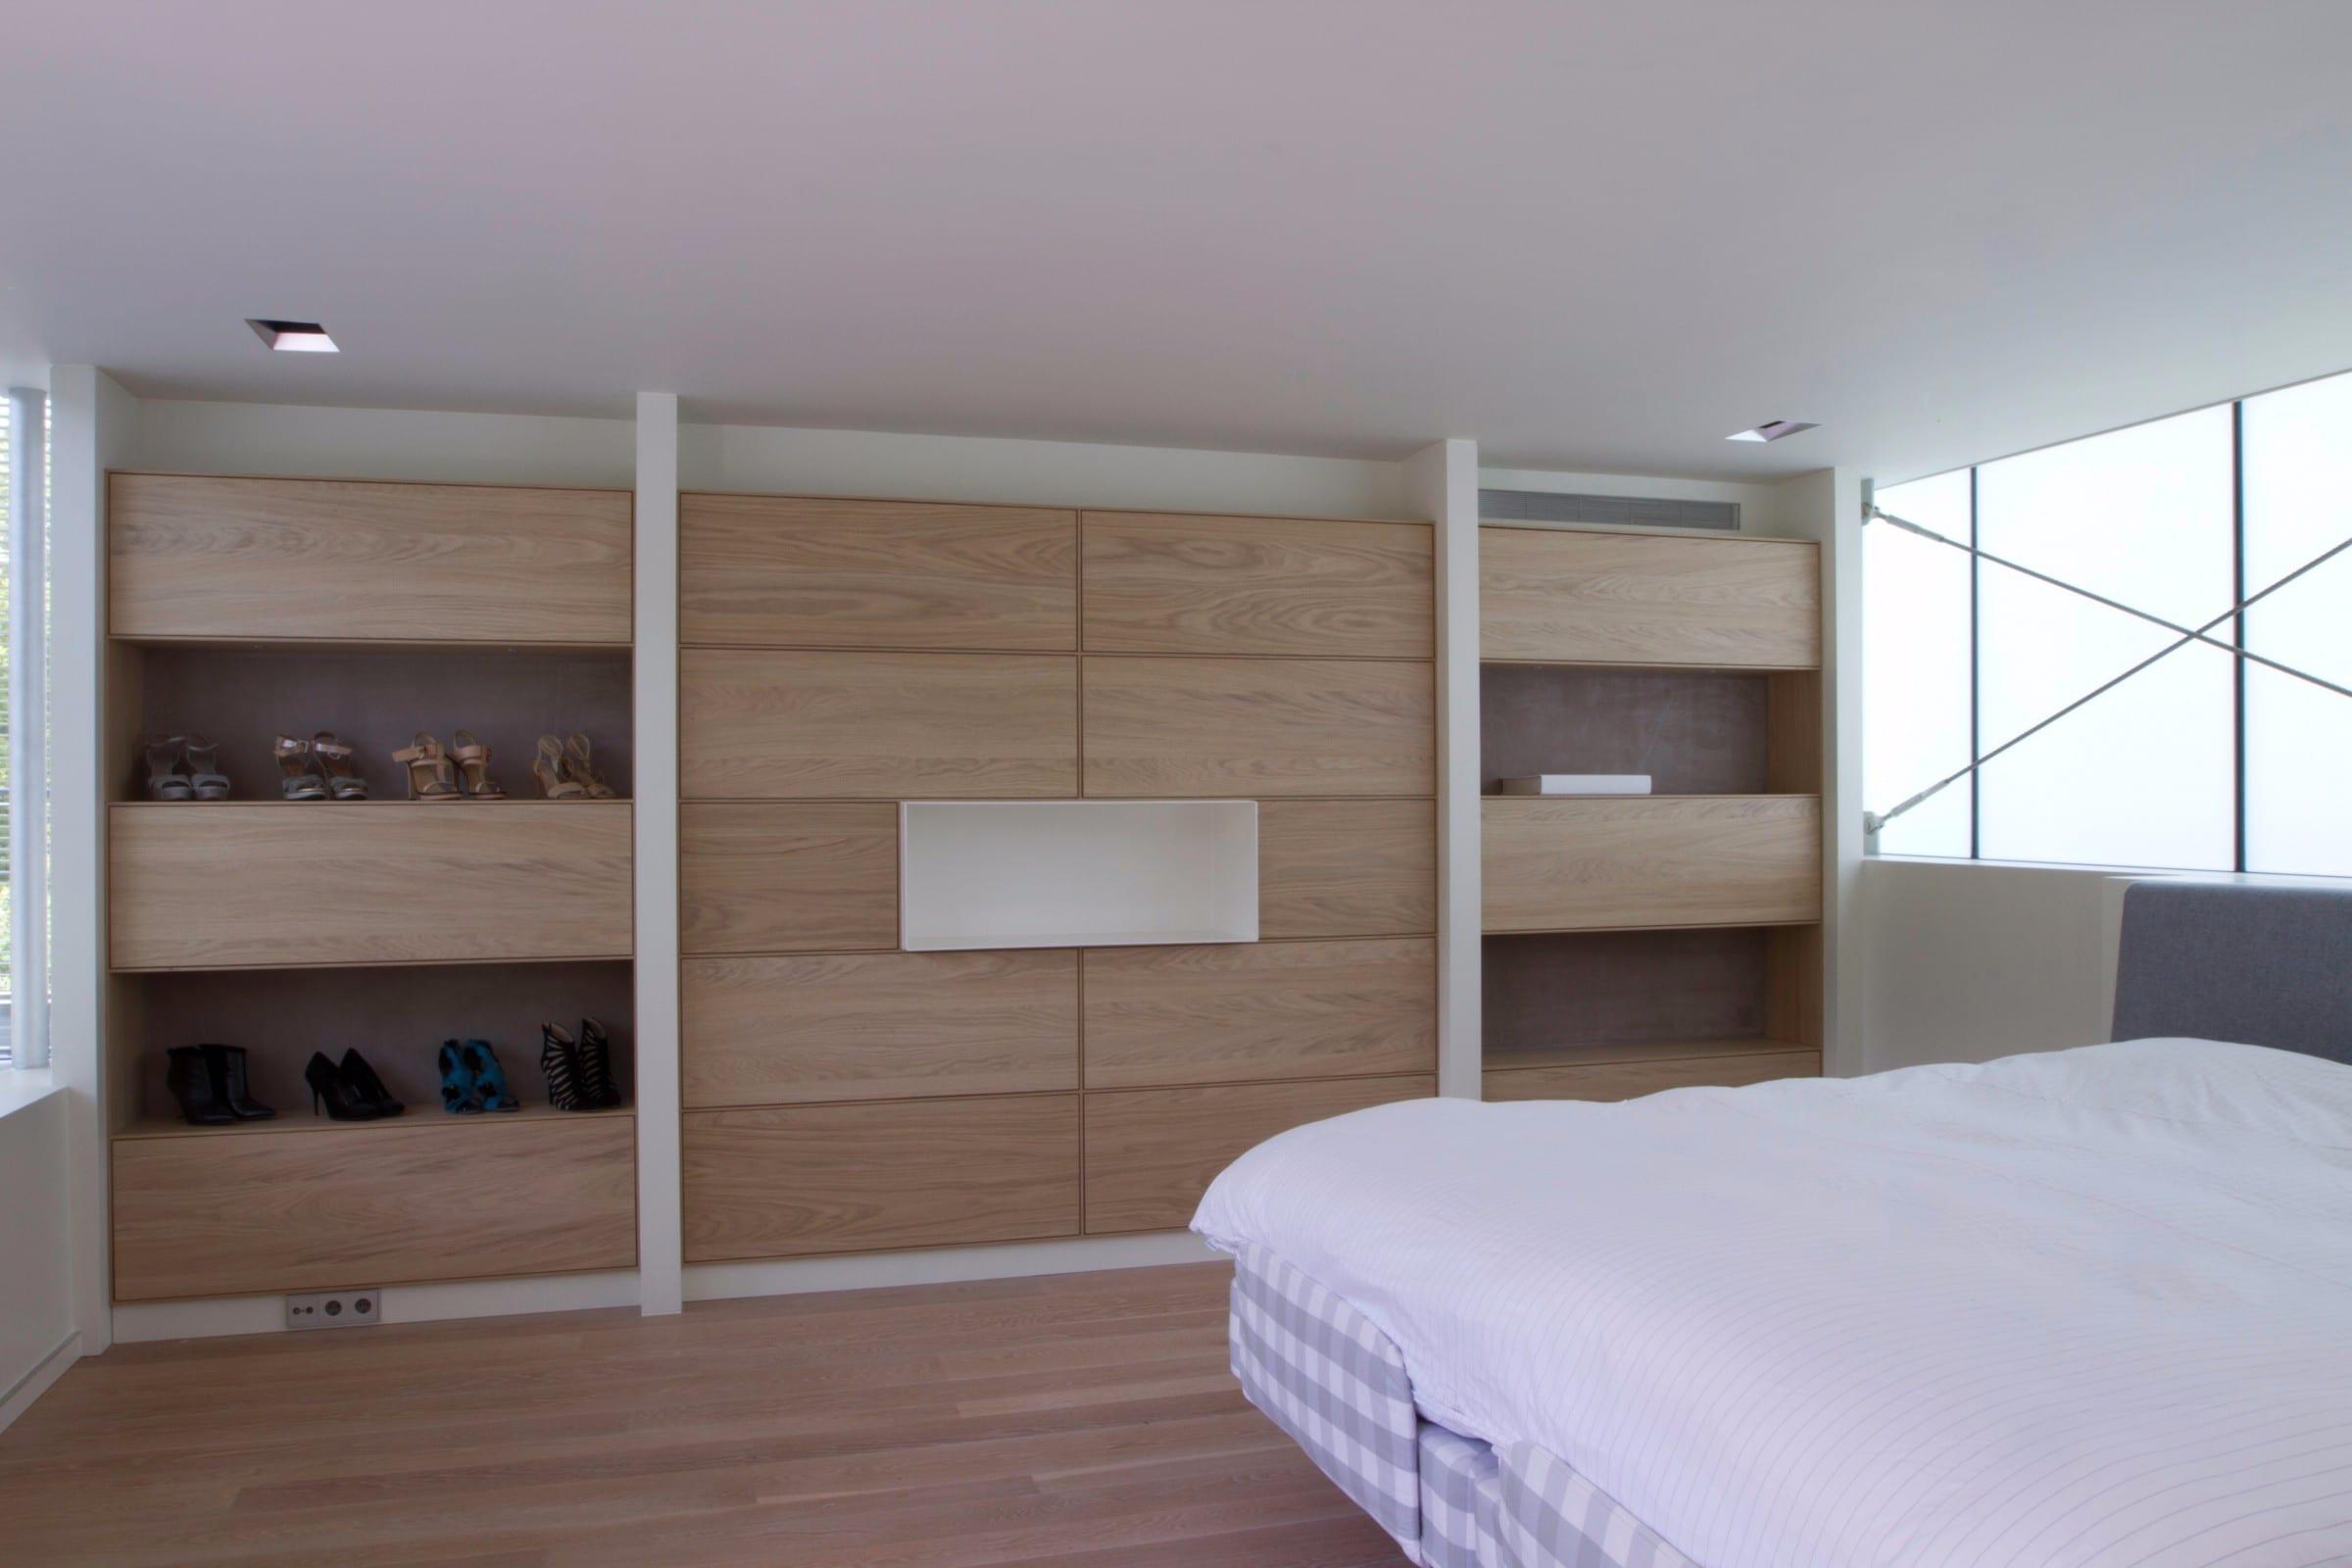 unieke kast op maat laten maken meubelmakerij houtkwadraat. Black Bedroom Furniture Sets. Home Design Ideas